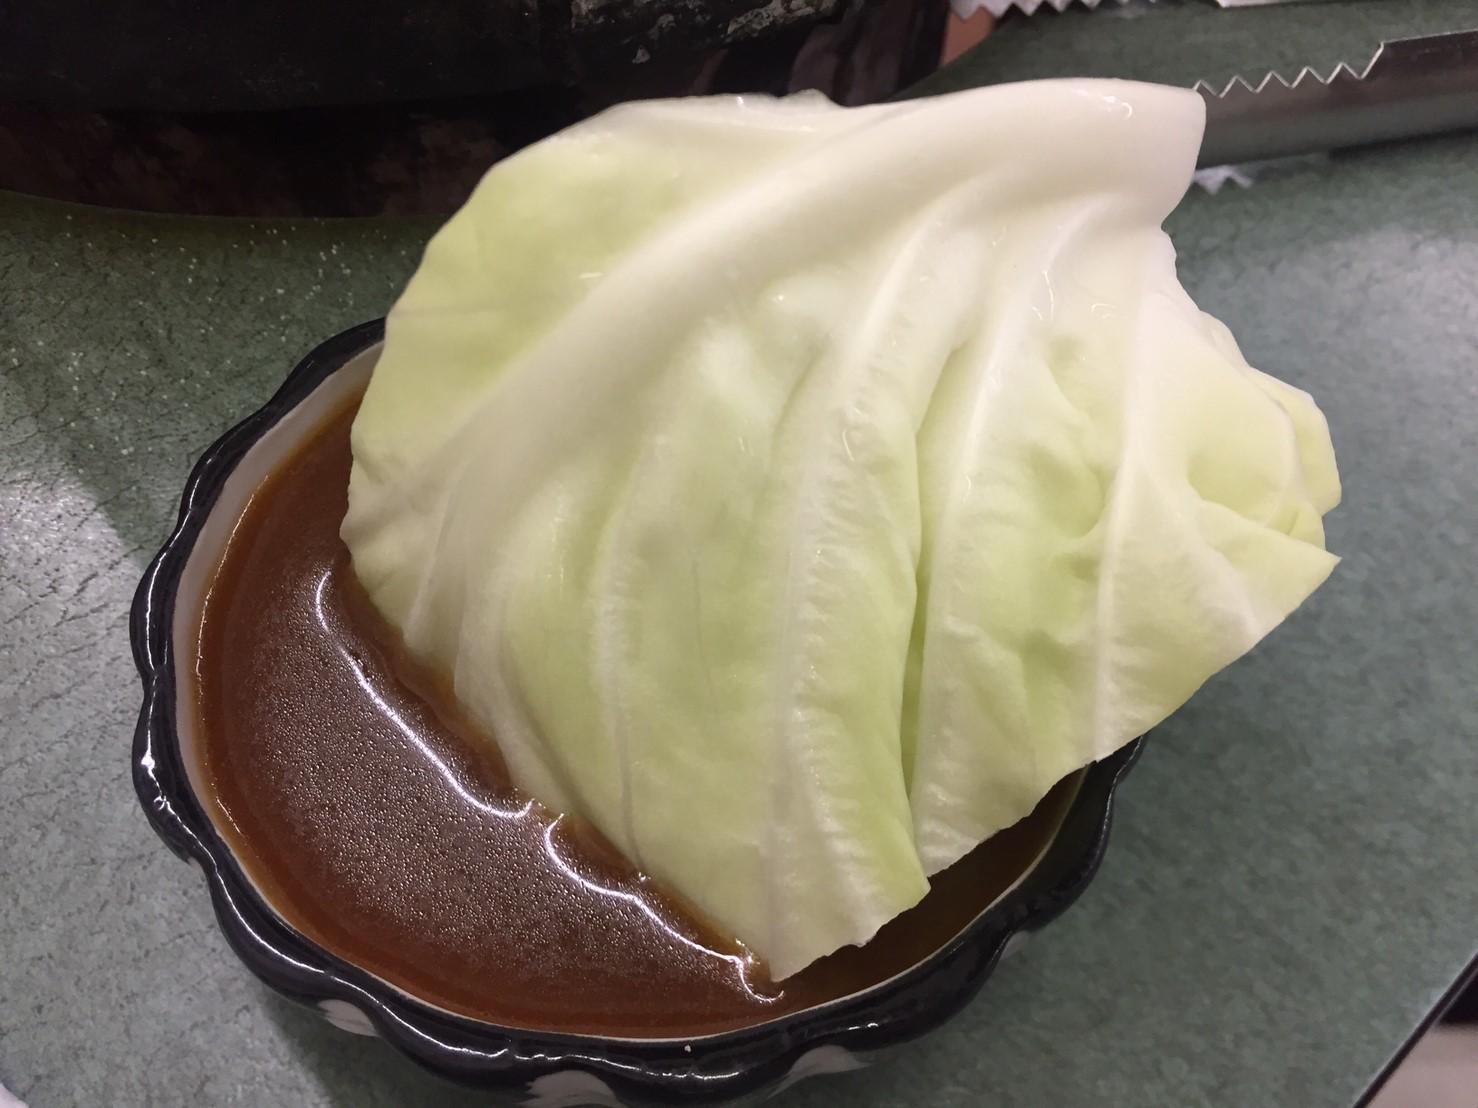 炭火焼肉 喜らく  ホホ肉_e0115904_05145603.jpg